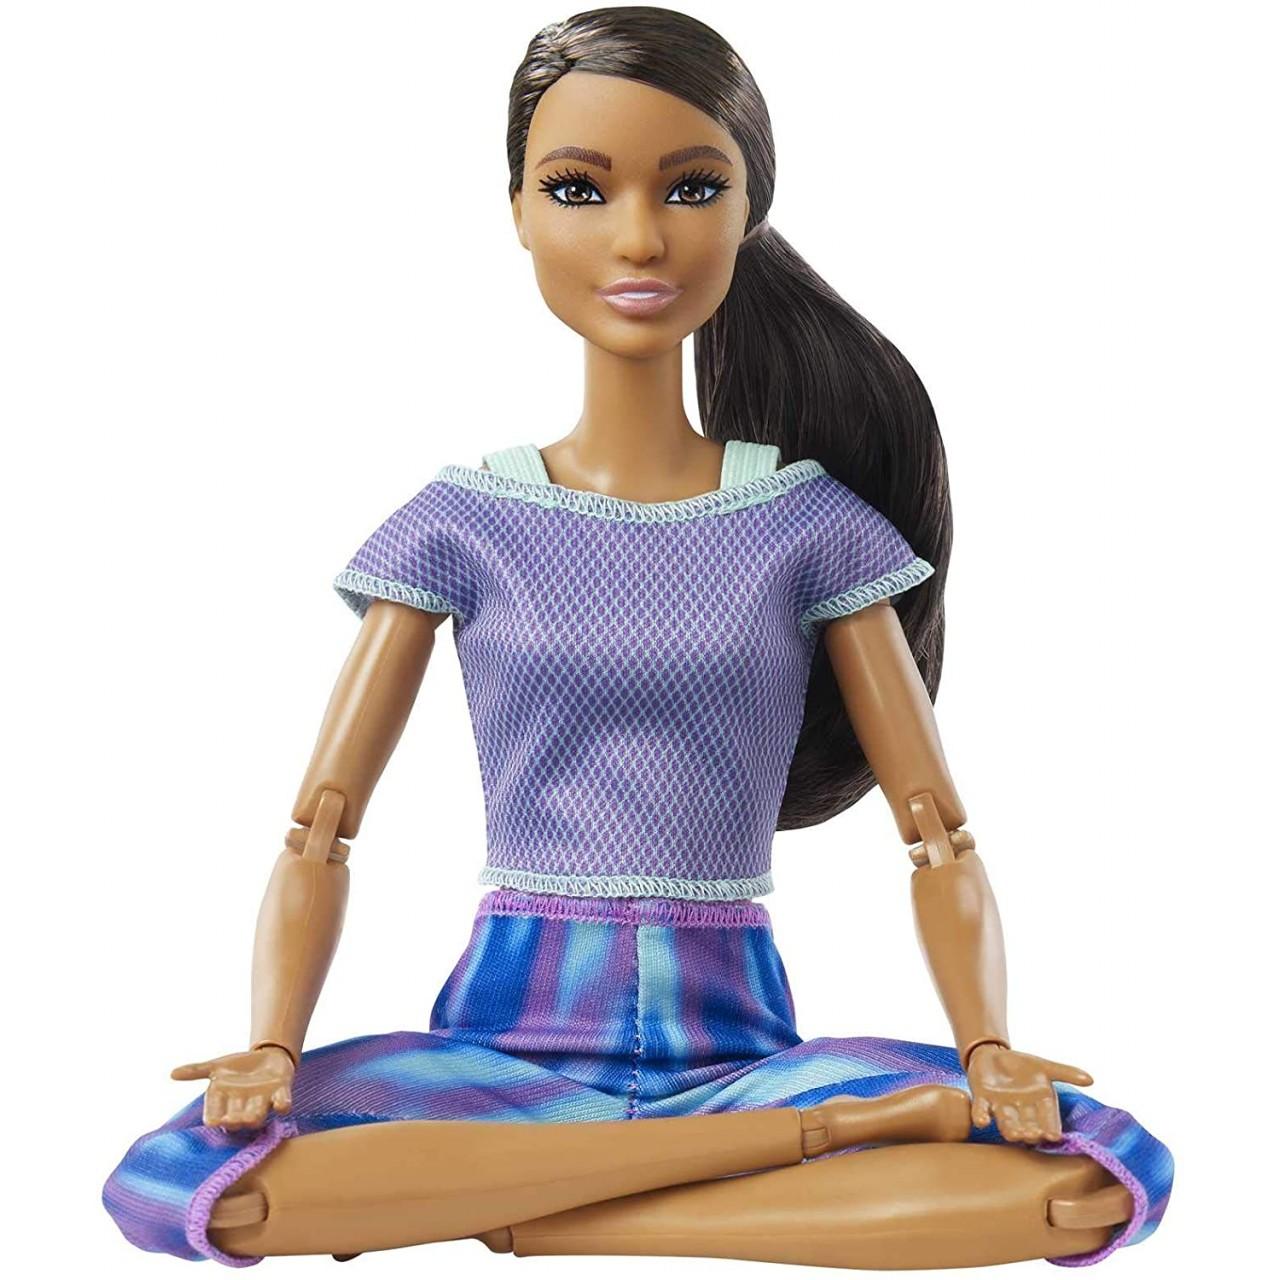 Лялька Барбі Made to move Брюнетка в блакитній футболці (GXF06) від Mattel